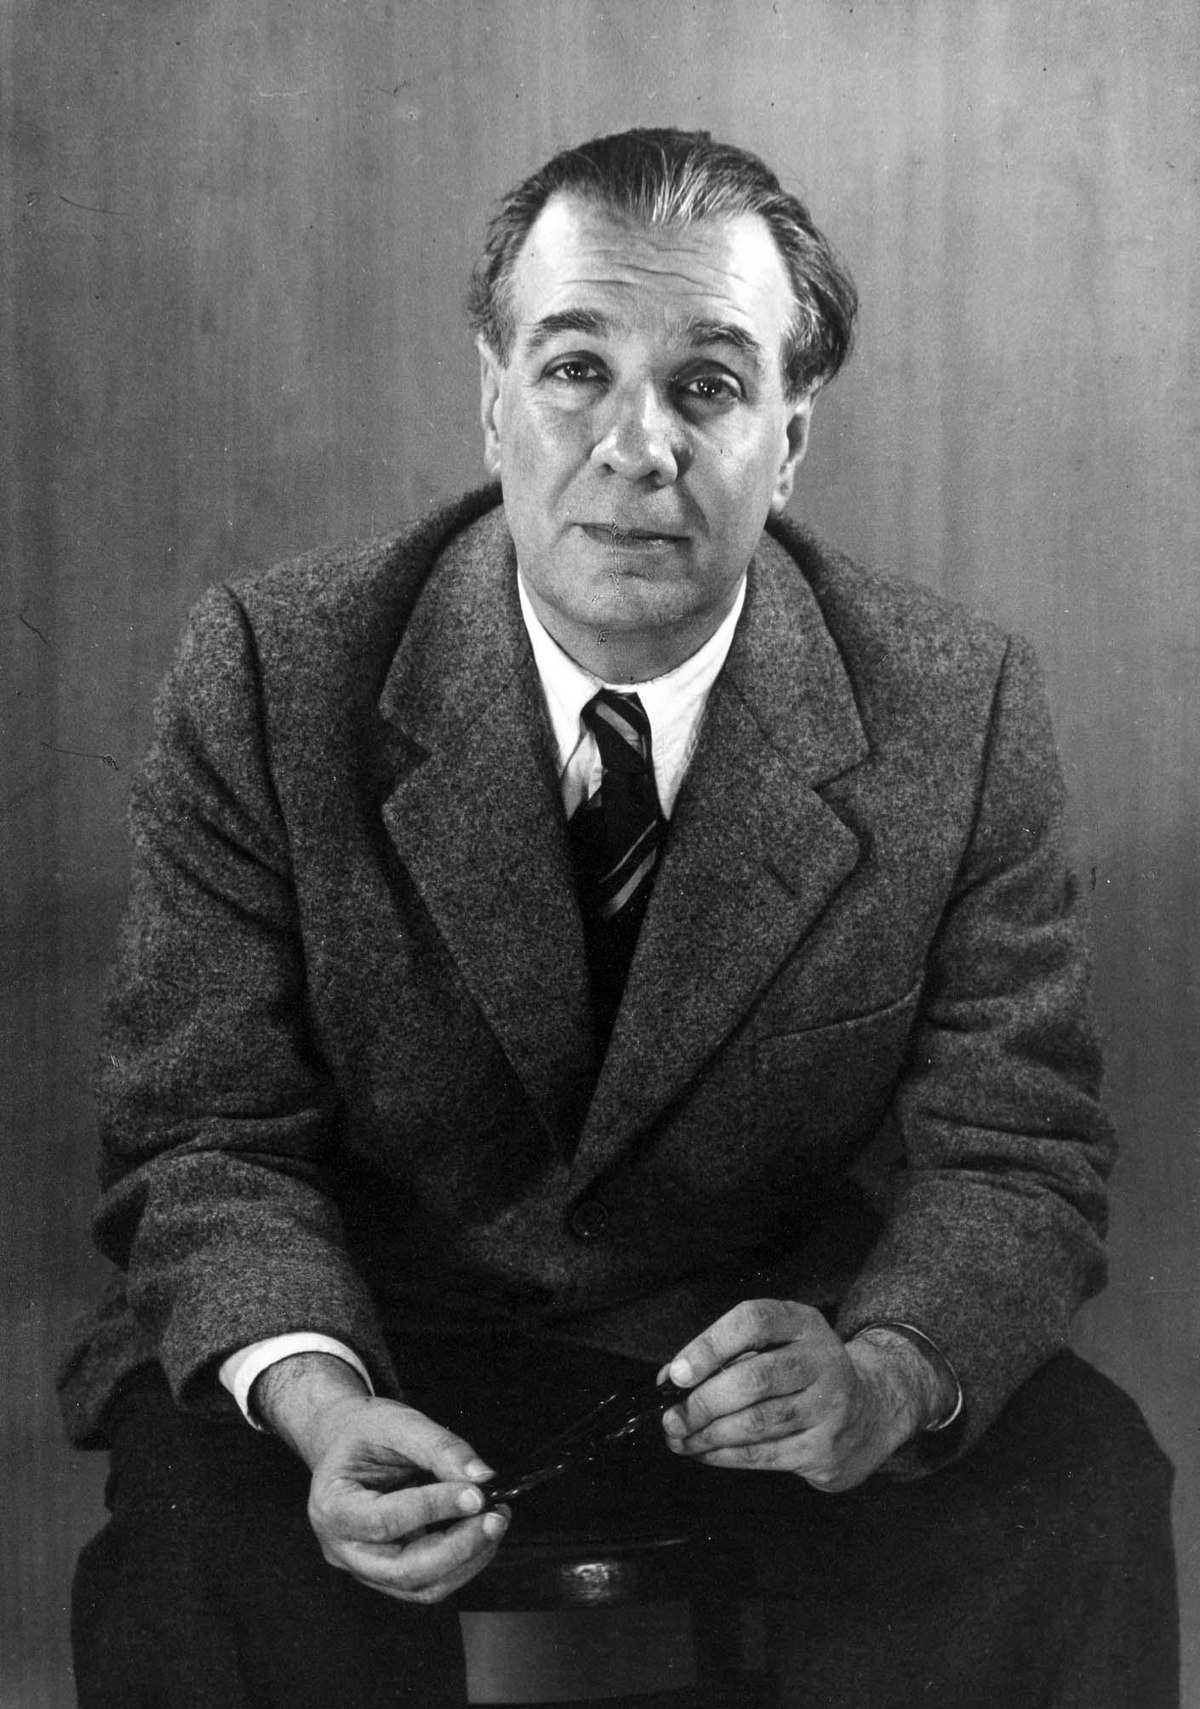 Он начал писать в шесть лет, а в девять перевел «Счастливого принца» Оскара Уайльда на испанский.